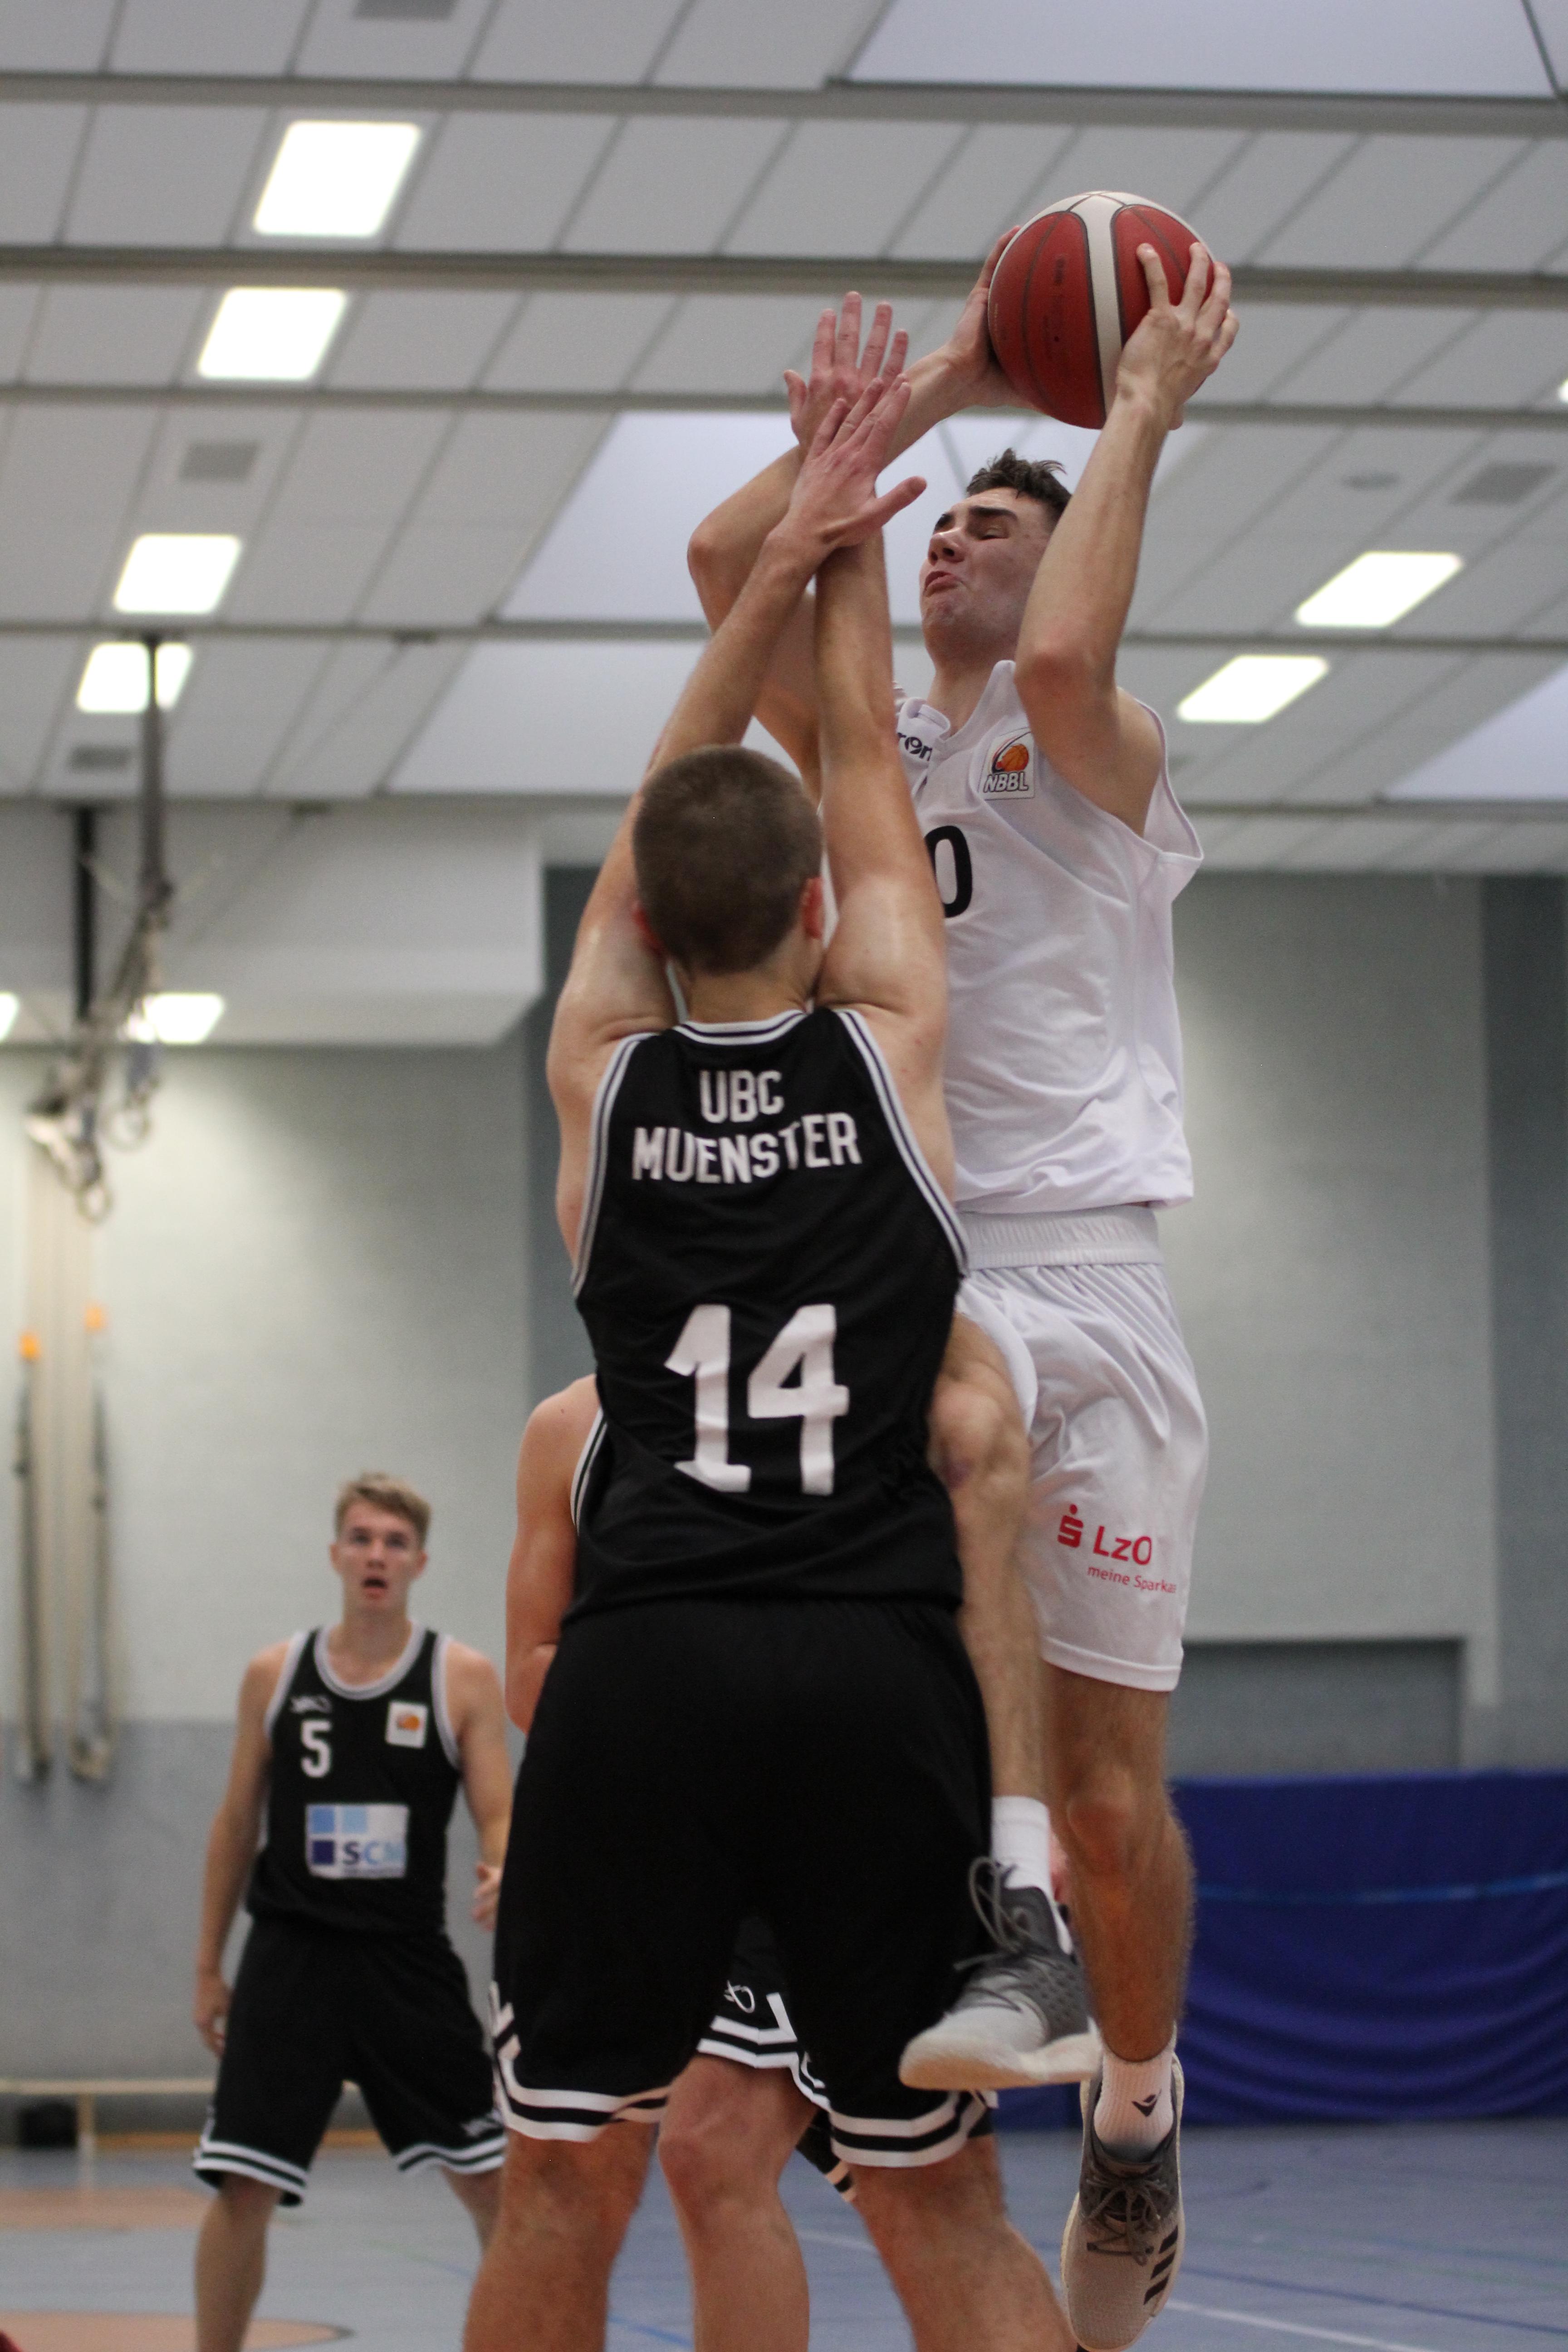 NBBL_20-21_YOUNG-RASTA-DRAGONS_Münster_Spieltag1_Noah-Jänen_10